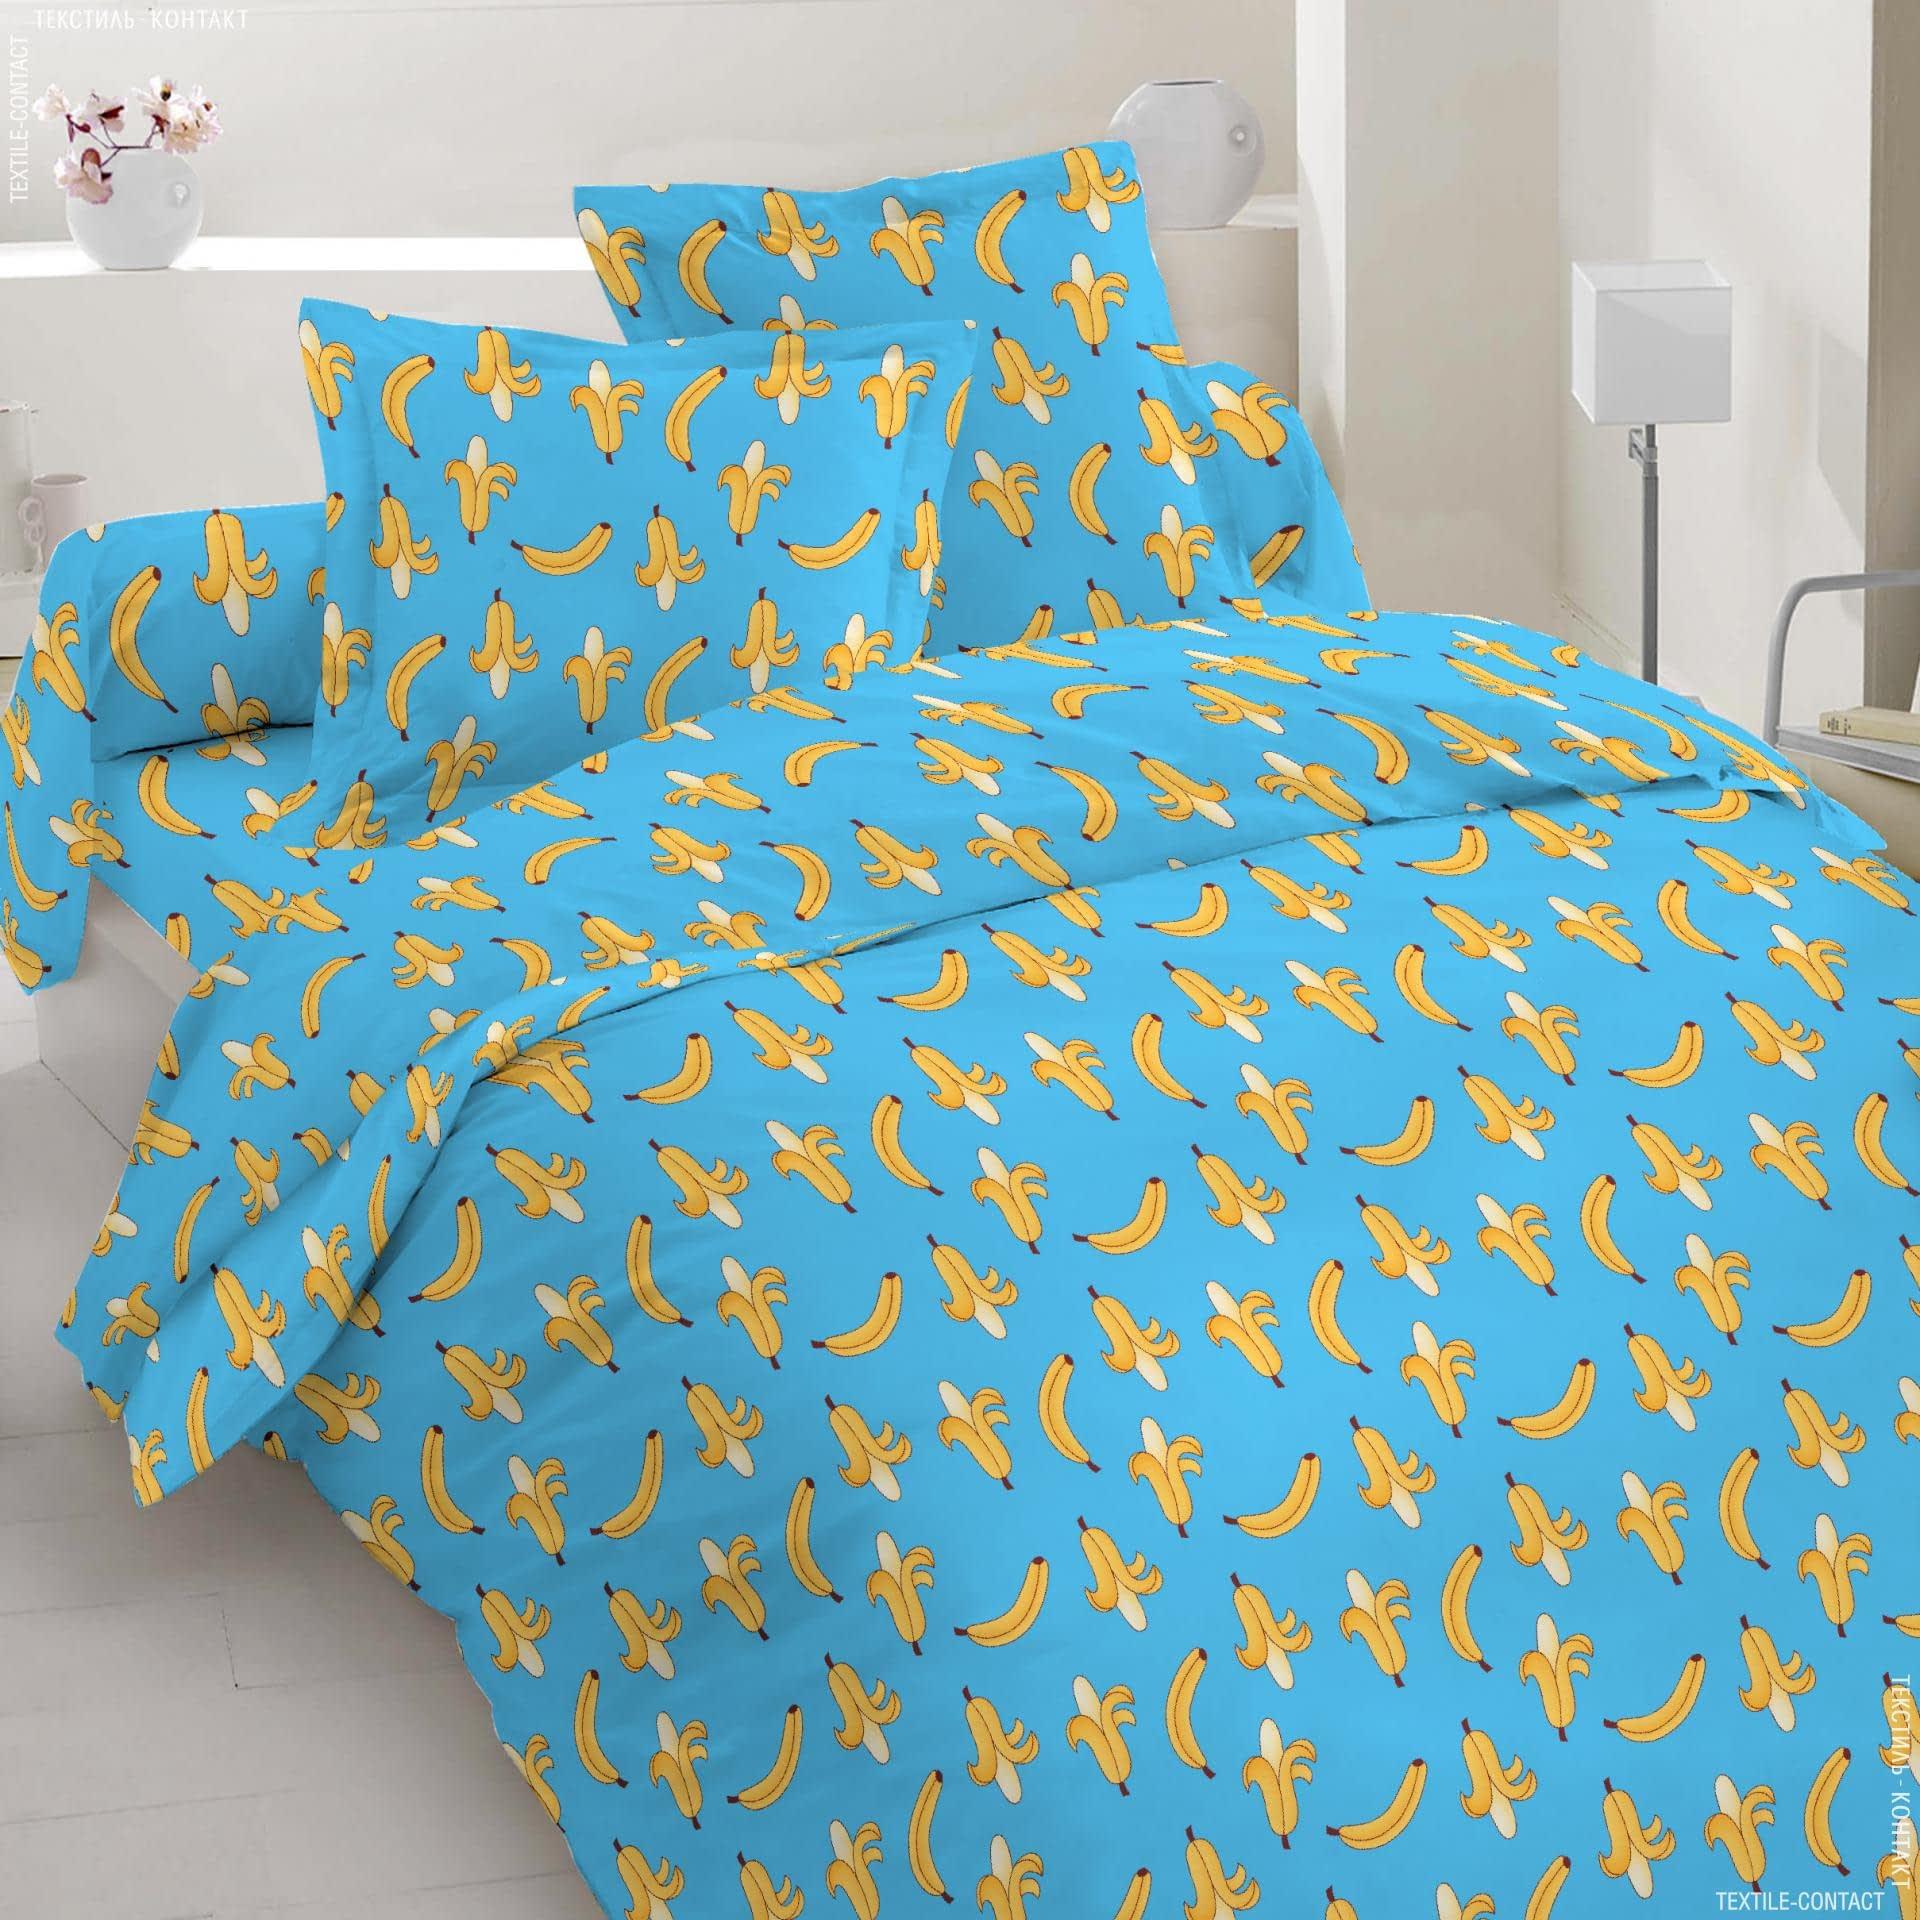 Тканини для дитячої постільної білизни - Бязь набивна голд  dw банани блакитні